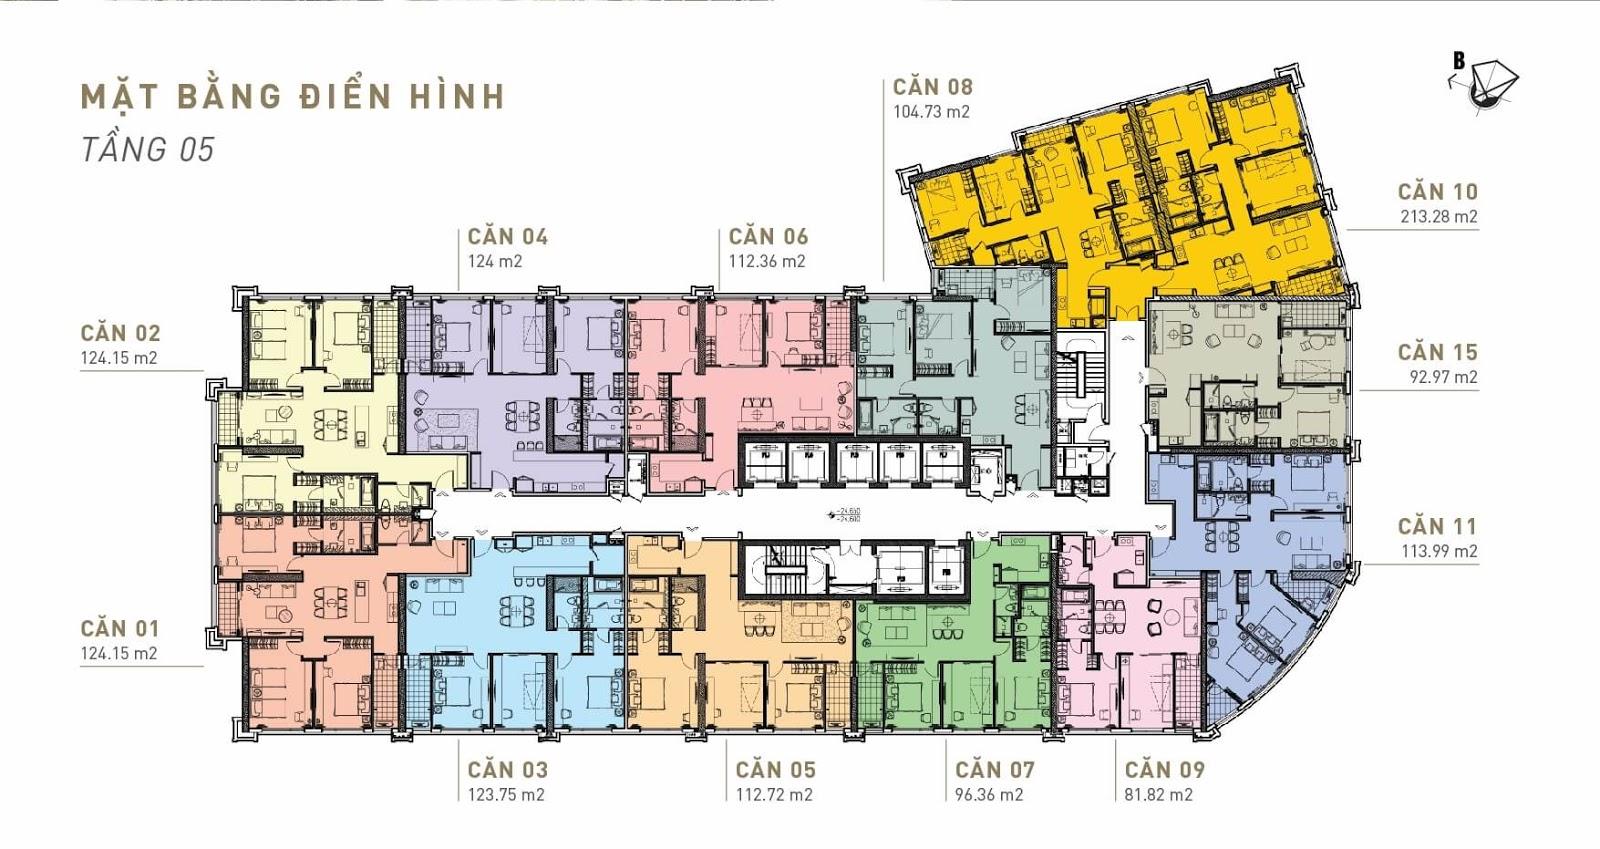 Mặt bằng điển hình King Palace - Tầng 05